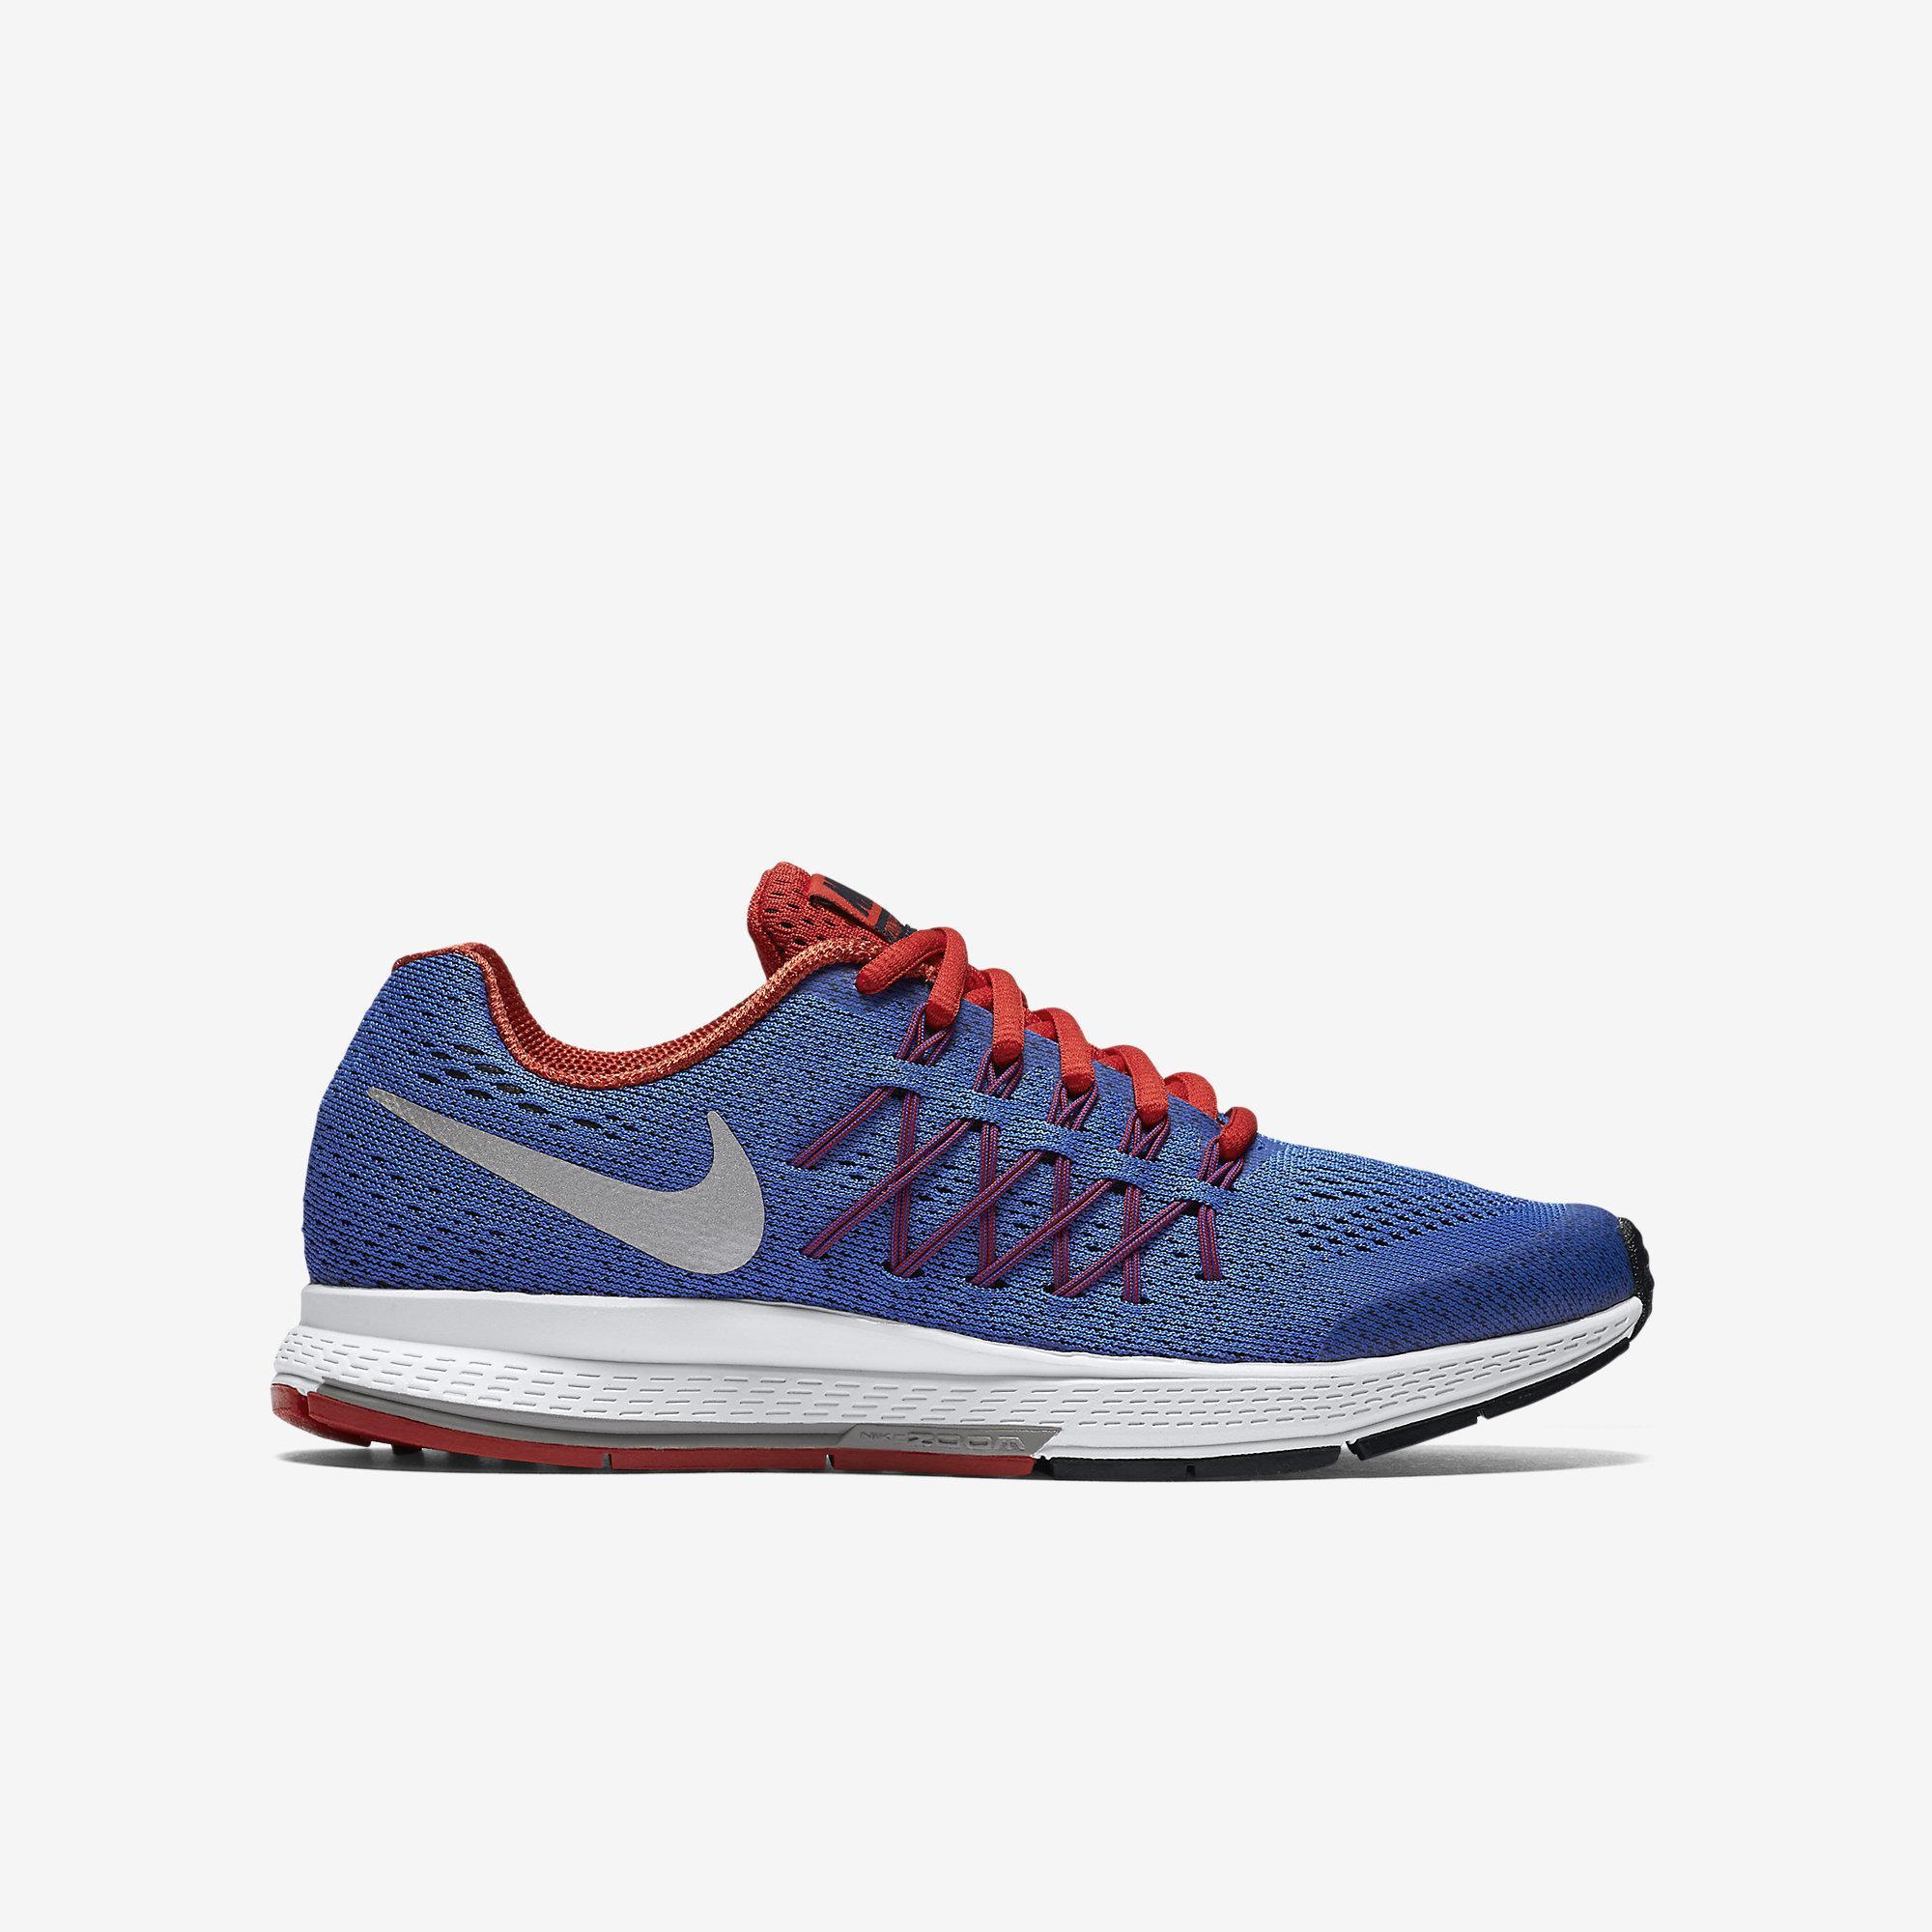 sports shoes 4b103 6fdd8 Nike Boys Air Zoom Pegasus 32 Running Shoes - Blue Red - Tennisnuts.com